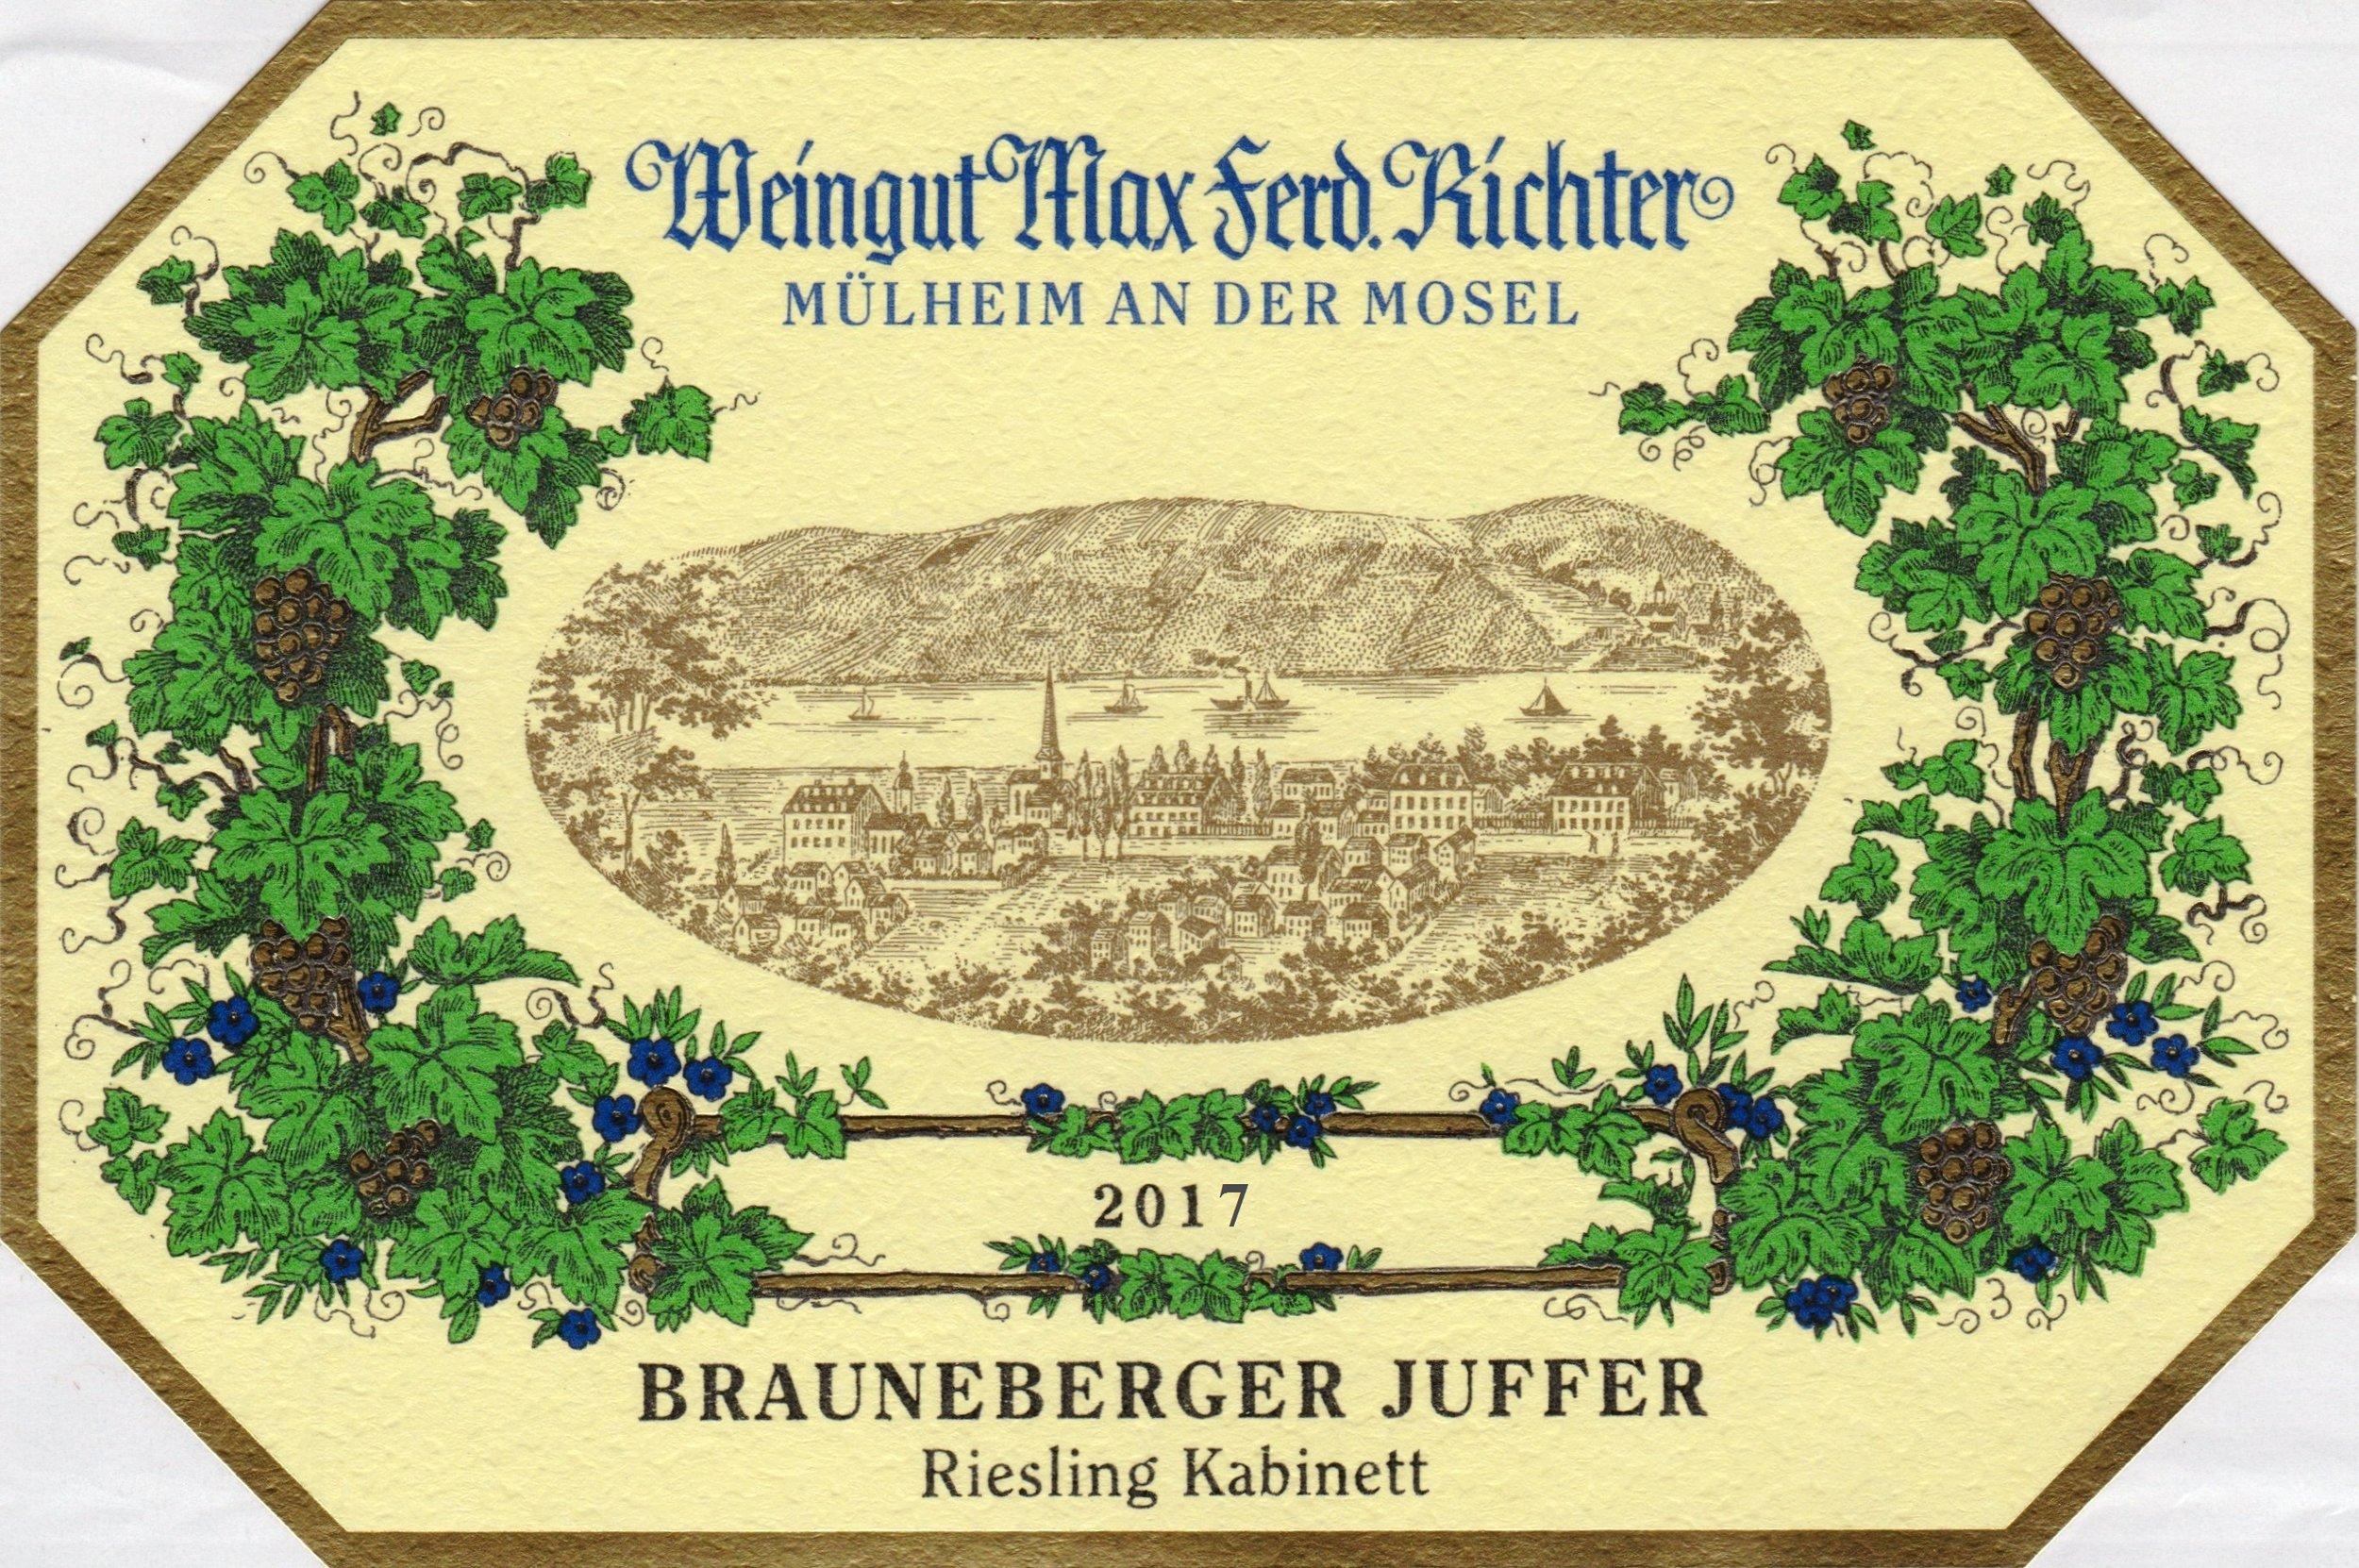 2017 Brauneberger Juffer Kabinett.jpg